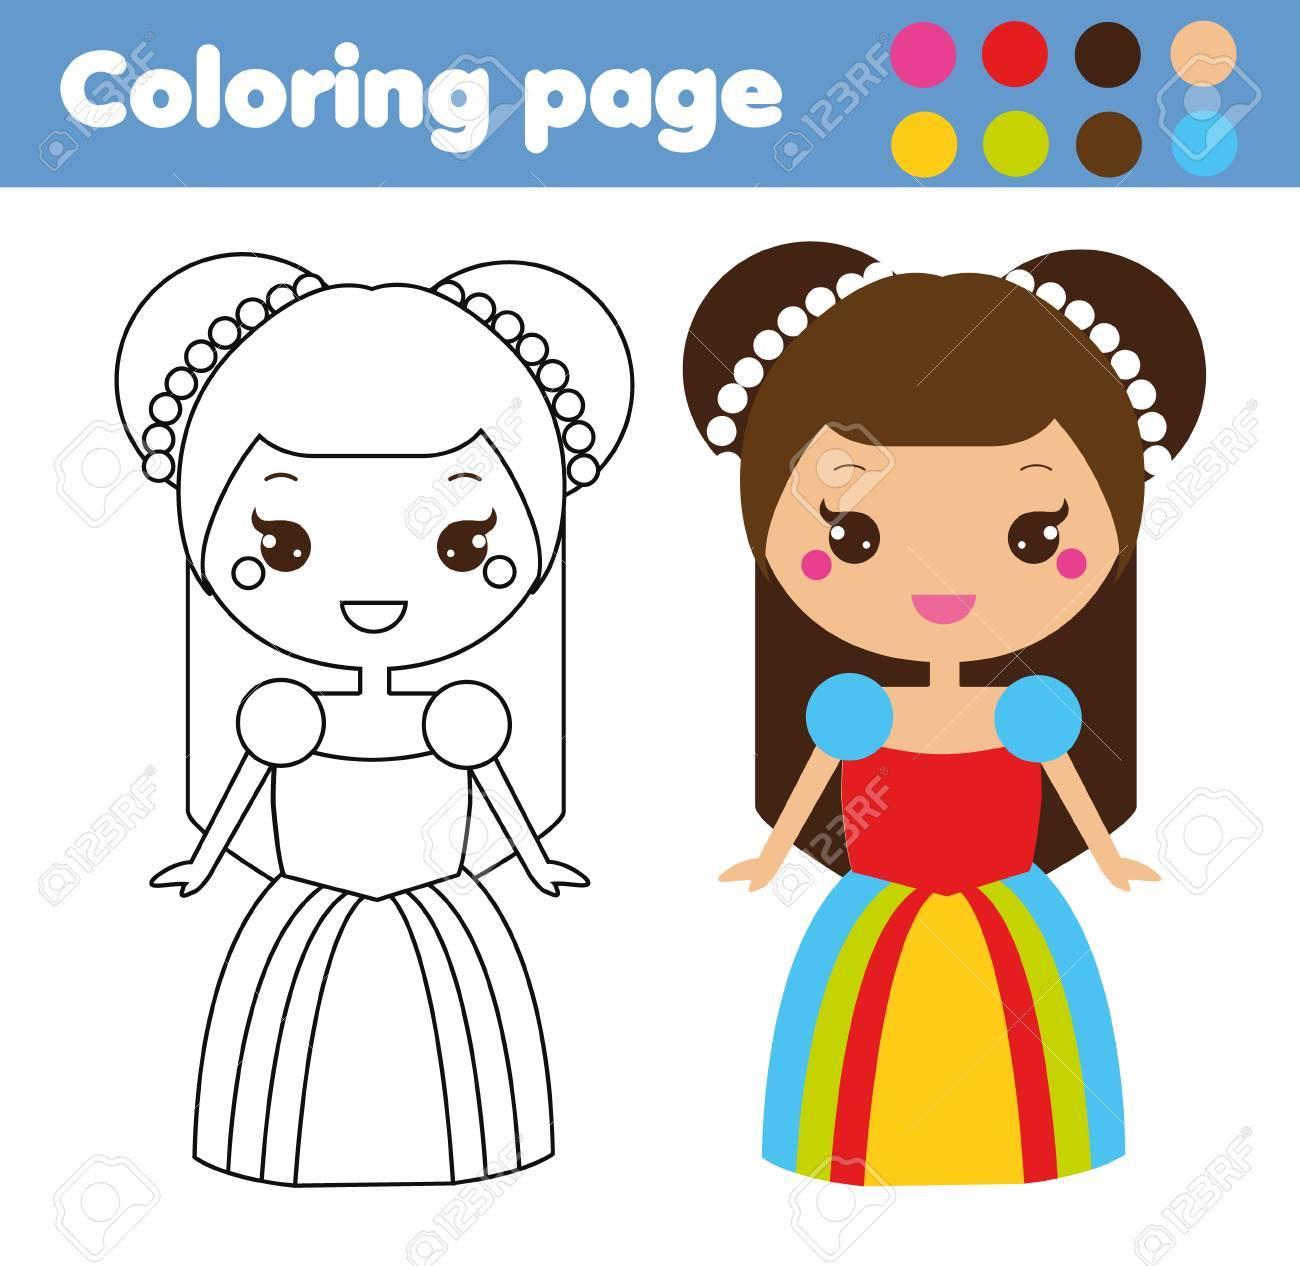 Página Para Colorear Con Linda Princesa En Estilo Kawaii Colorea La Imagen Juego Educativo Para Niños Dibujo De Actividad Infantil Hoja